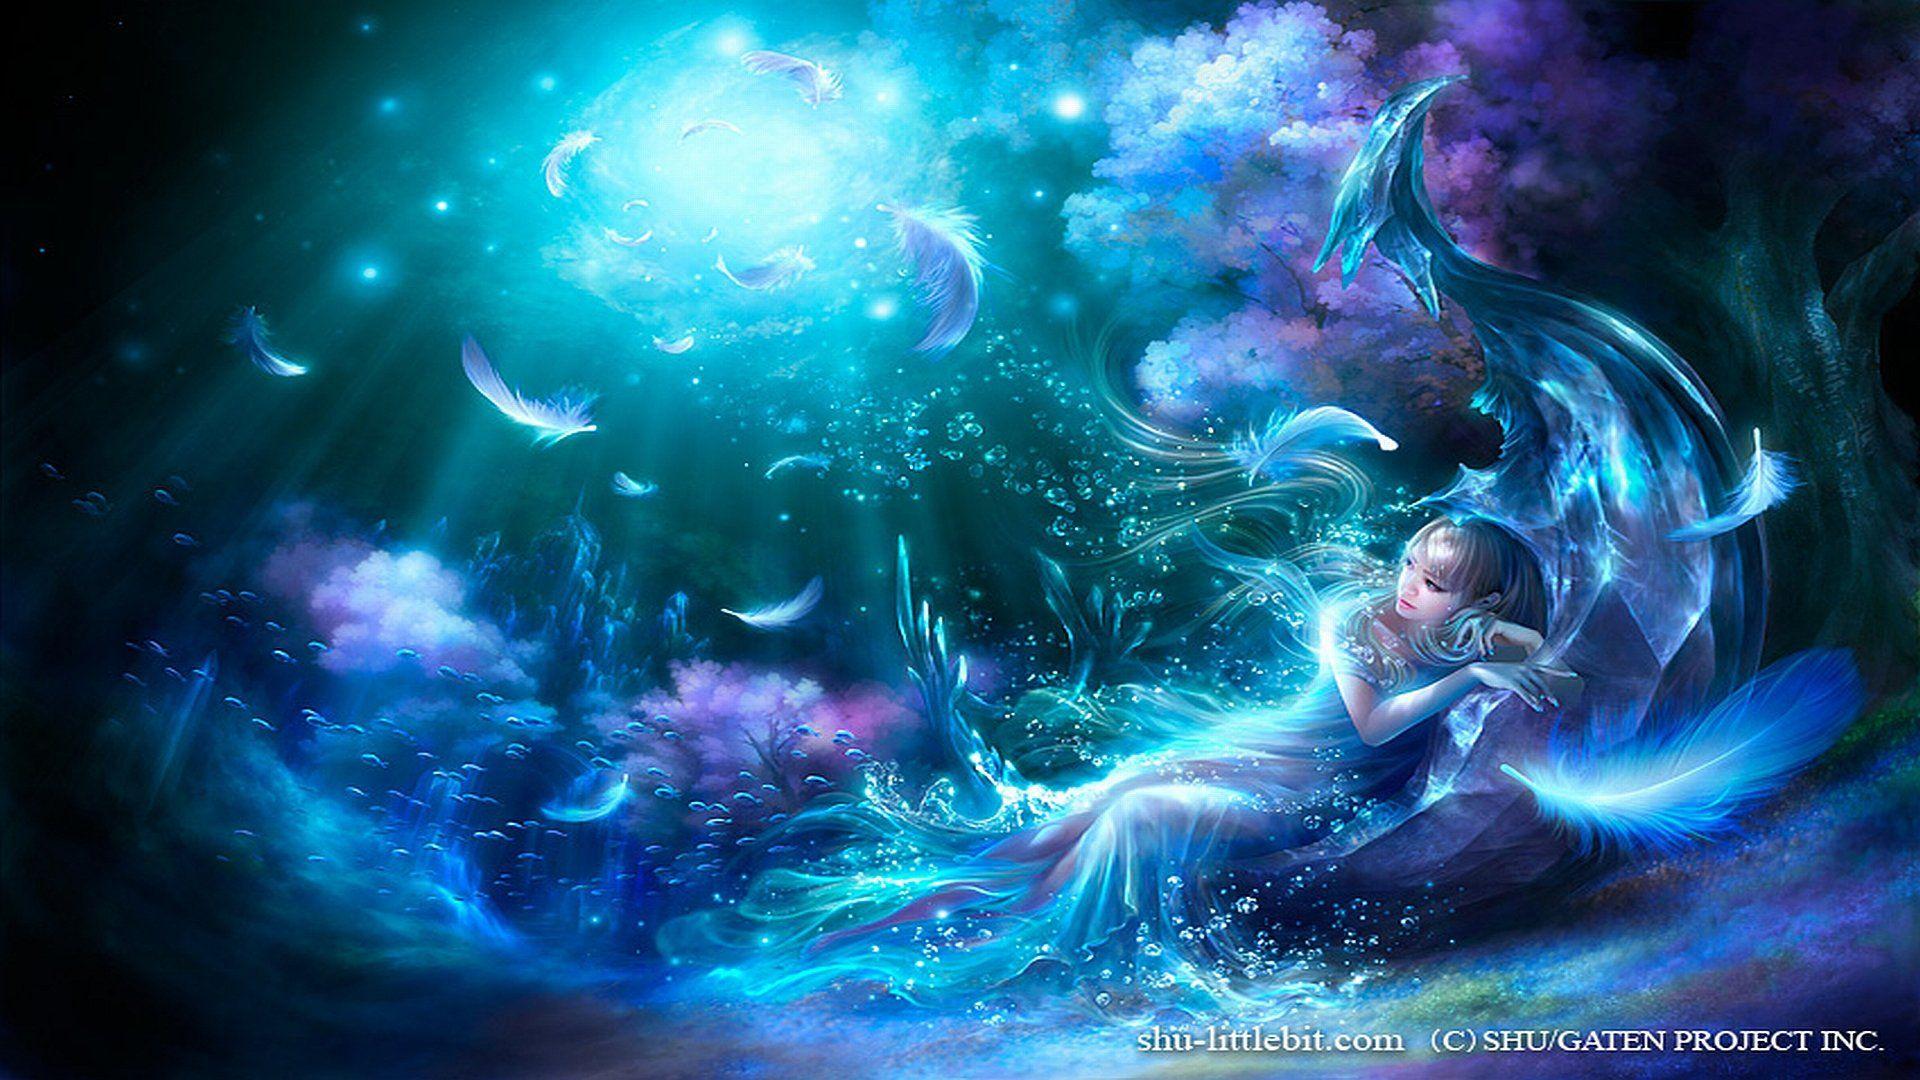 Fanticy Com Wallpapers Fantasy 58923 Fantasy Fantasy Celestial Wallpaper Fantasy Illustration Fantasy Art Fantasy World